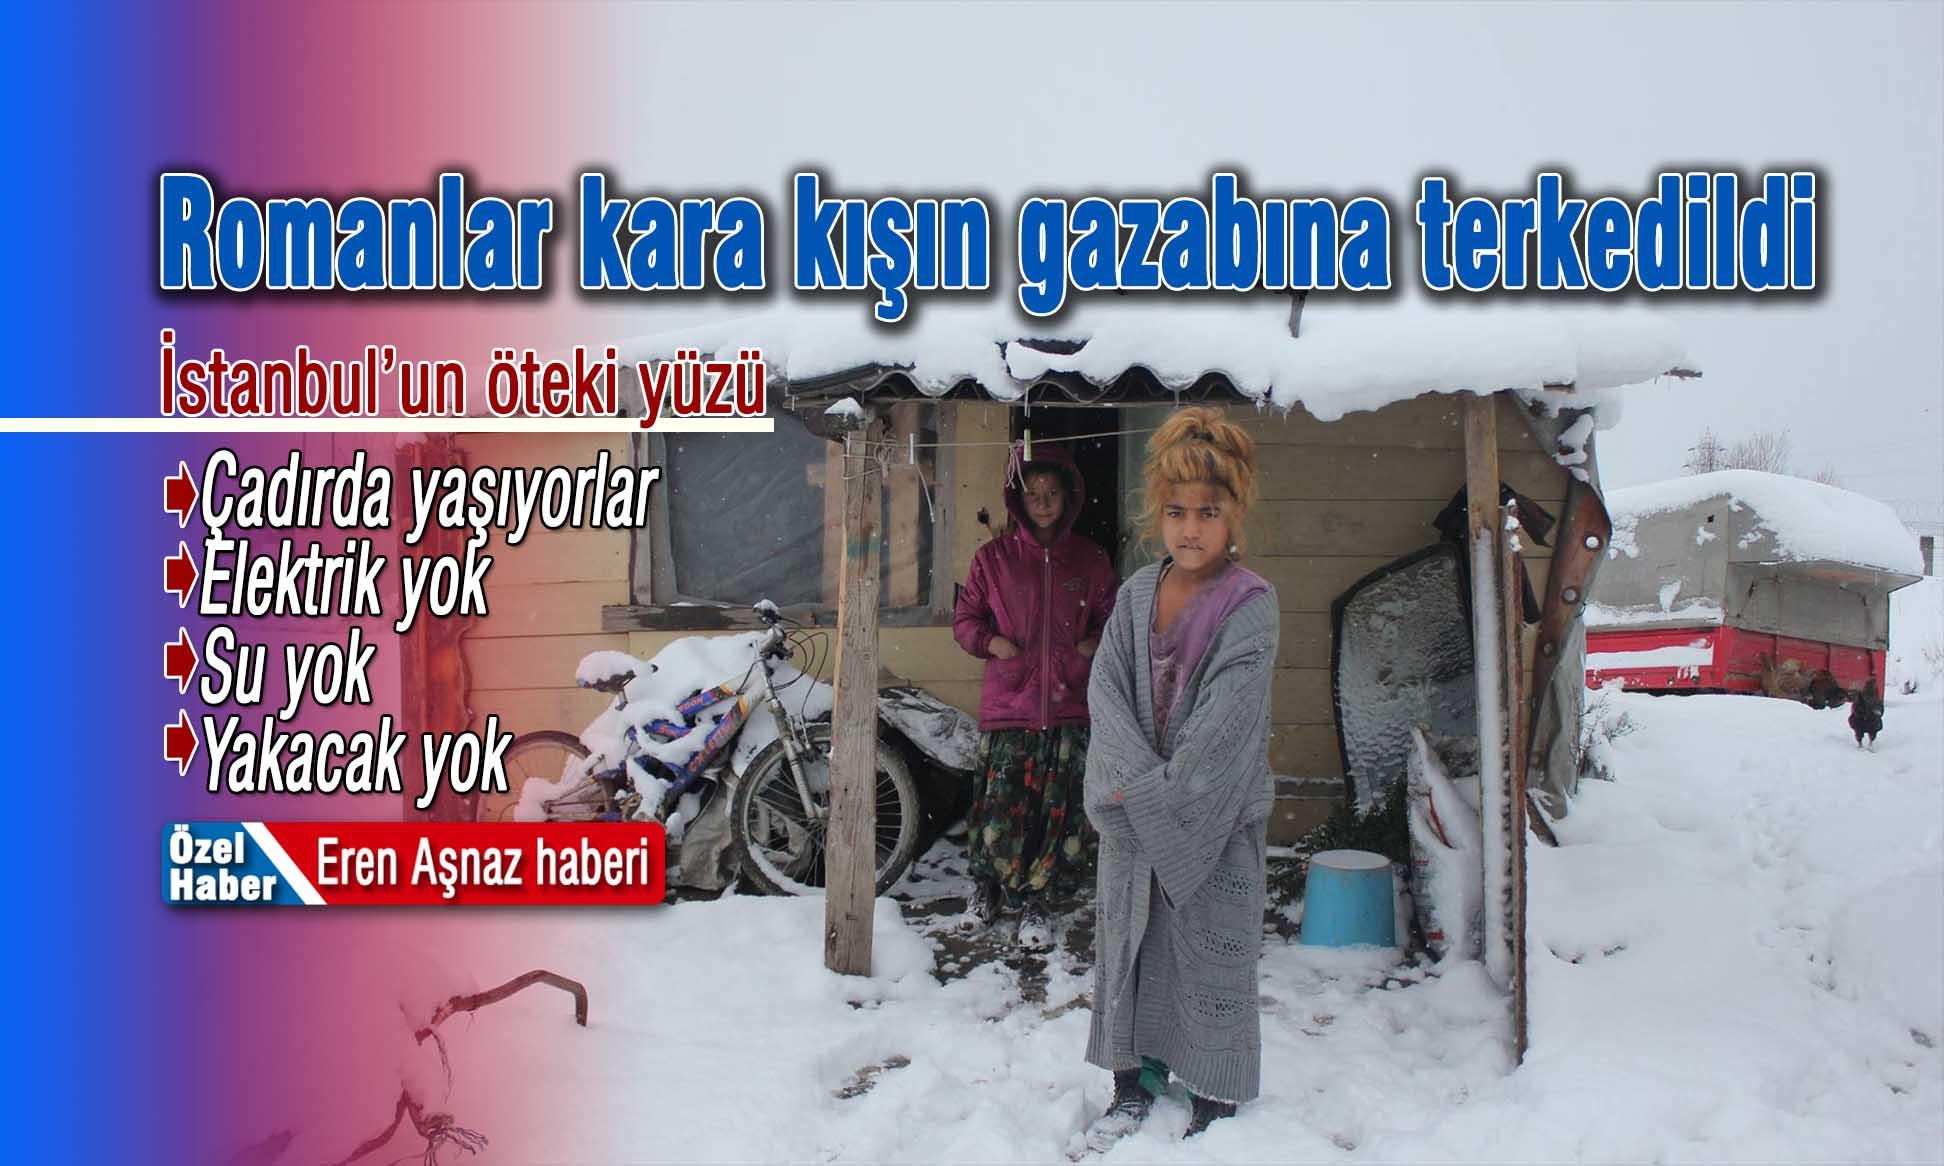 2006 yılında Küçükbakkalköy'de 'Kentsel Dönüşüm' yıkımları sebebiyle evsiz kalan bir çok roman aile yıllardır kendi kurdukları çadırlarda kaderlerine terk edilmiş olarak yaşam mücadelesi veriyor.